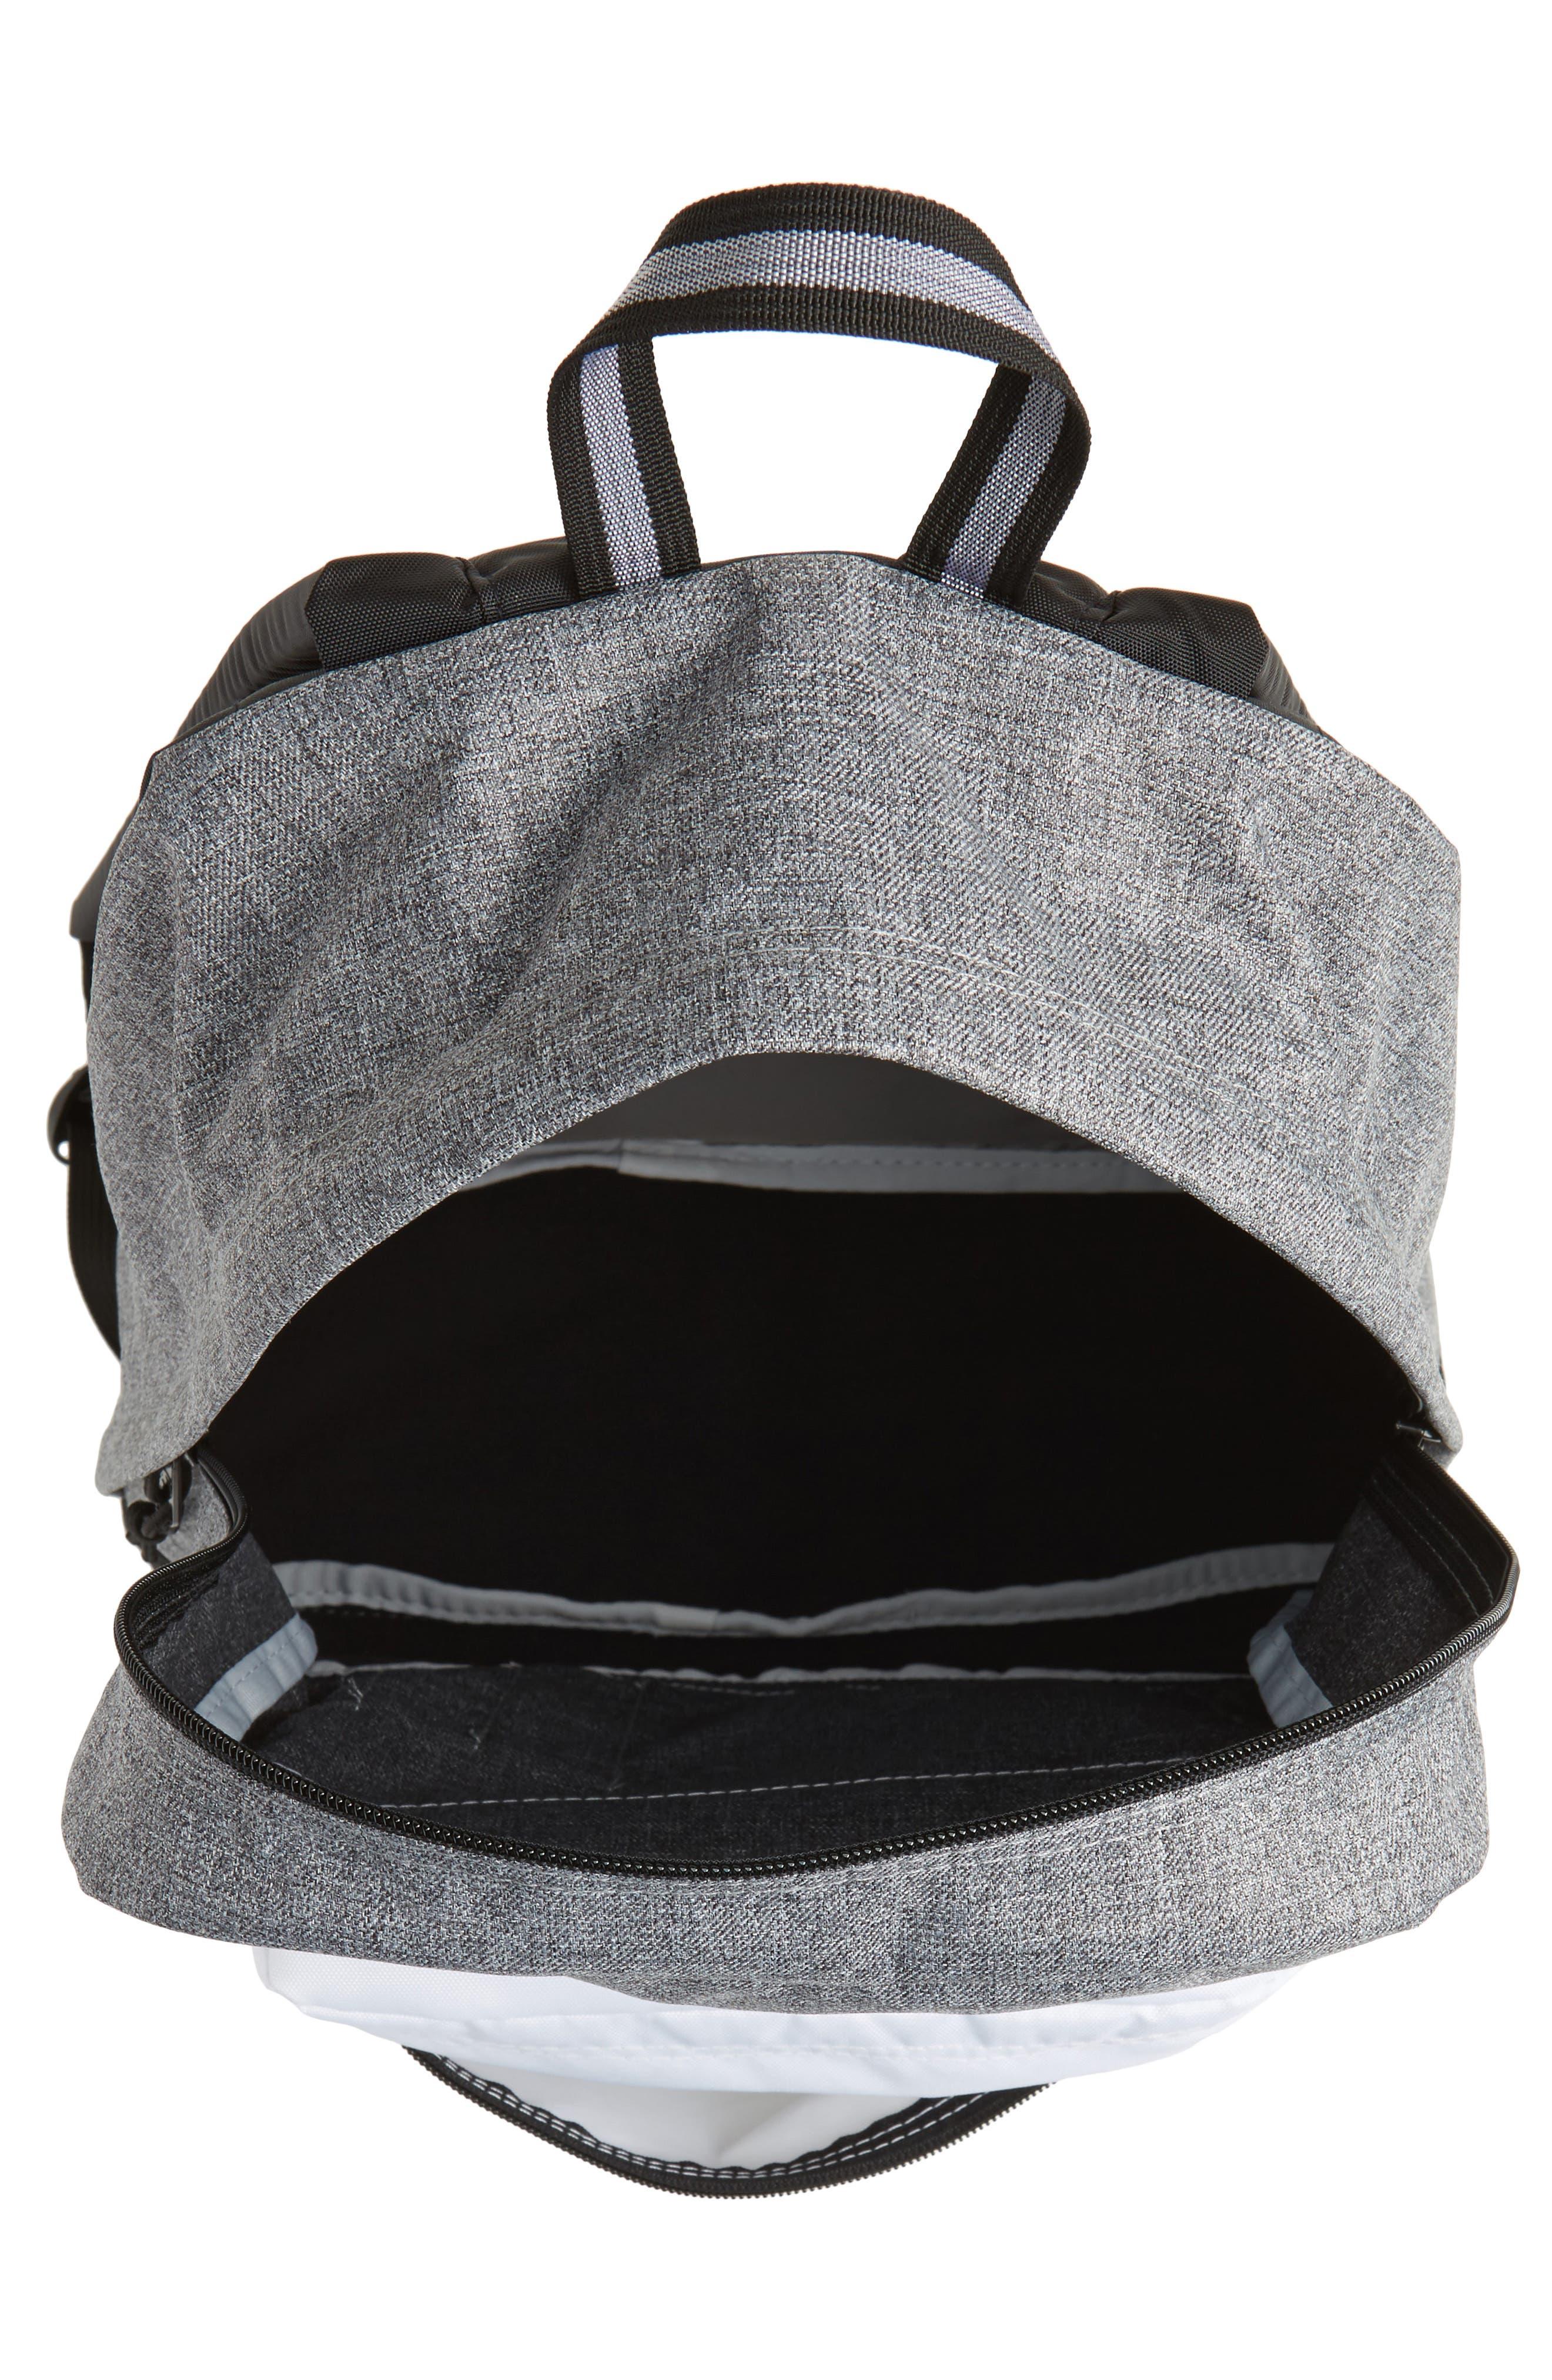 Super FX DL Backpack,                             Alternate thumbnail 4, color,                             001